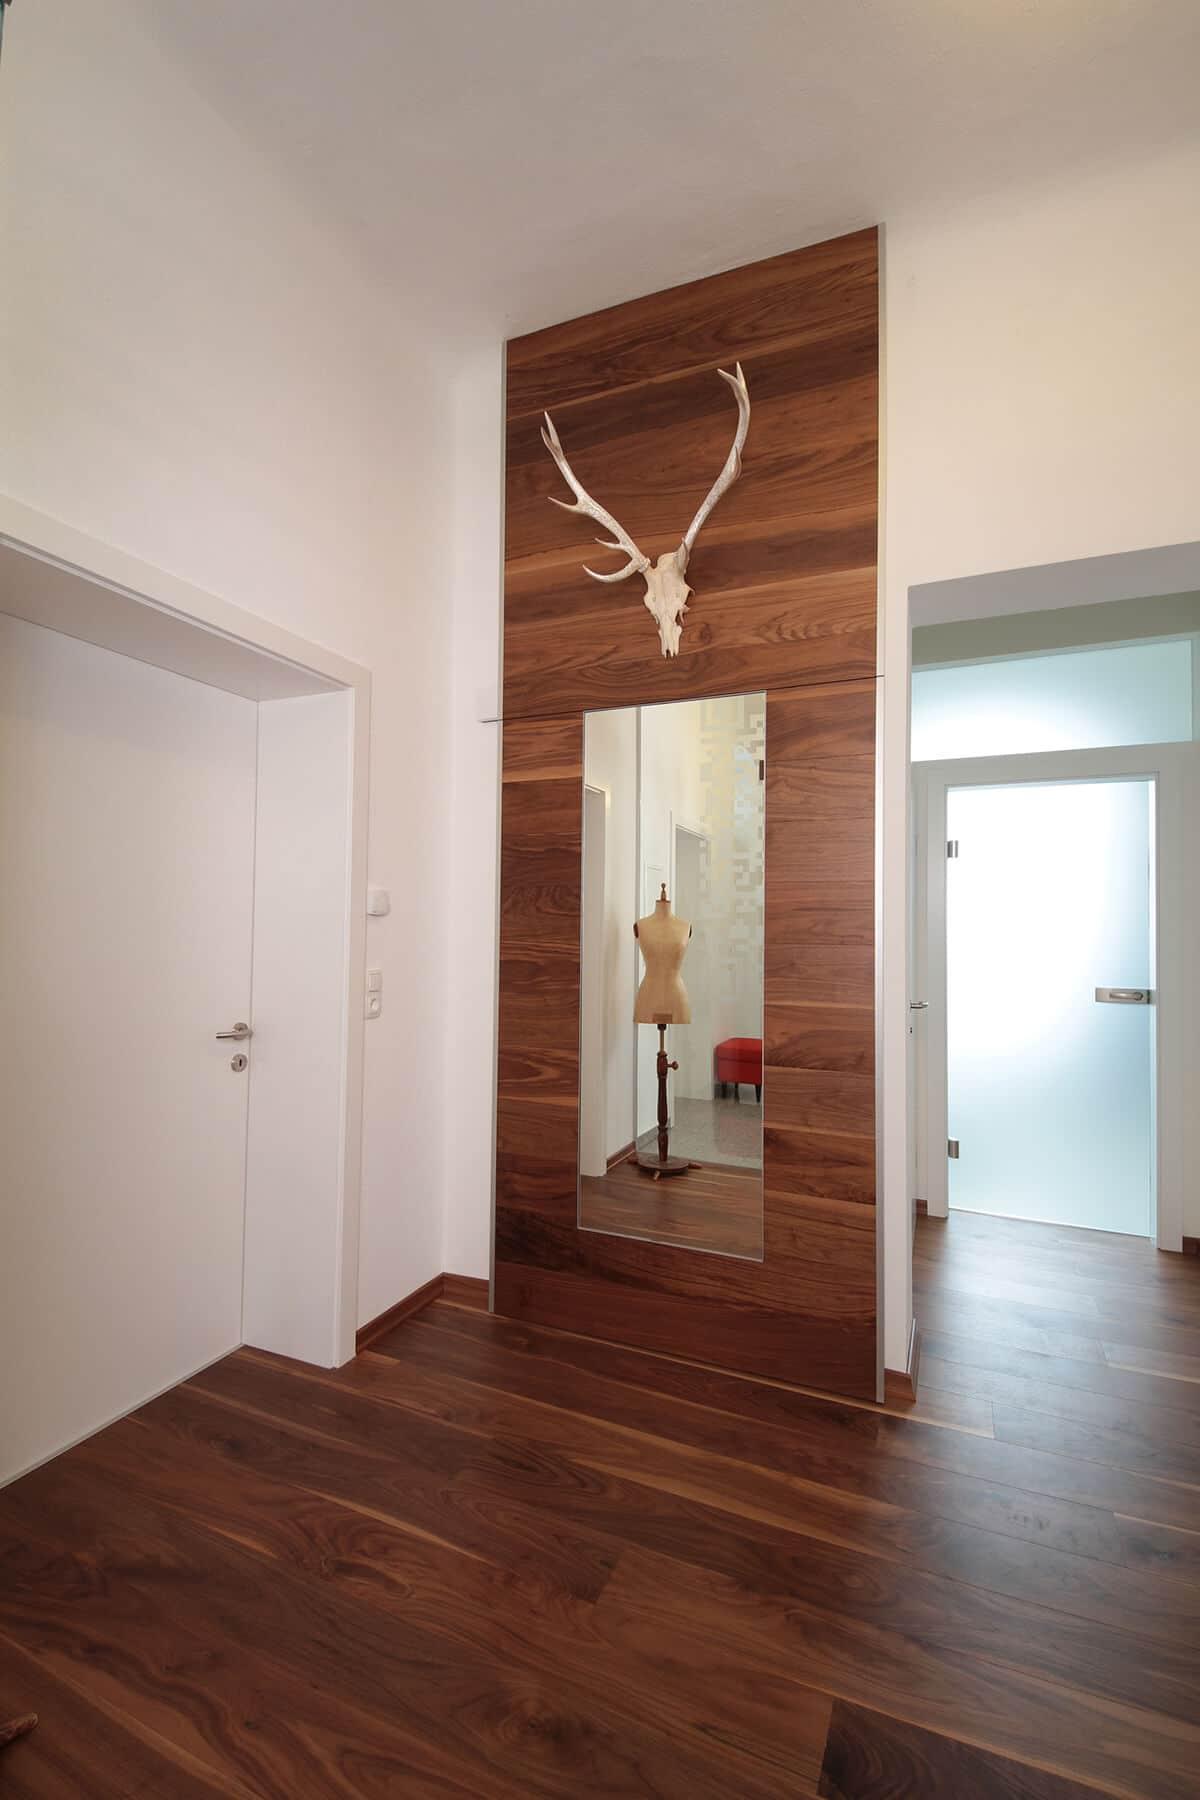 z hlerkasten verkleidung aus holz vom tischler tischlerei winter. Black Bedroom Furniture Sets. Home Design Ideas